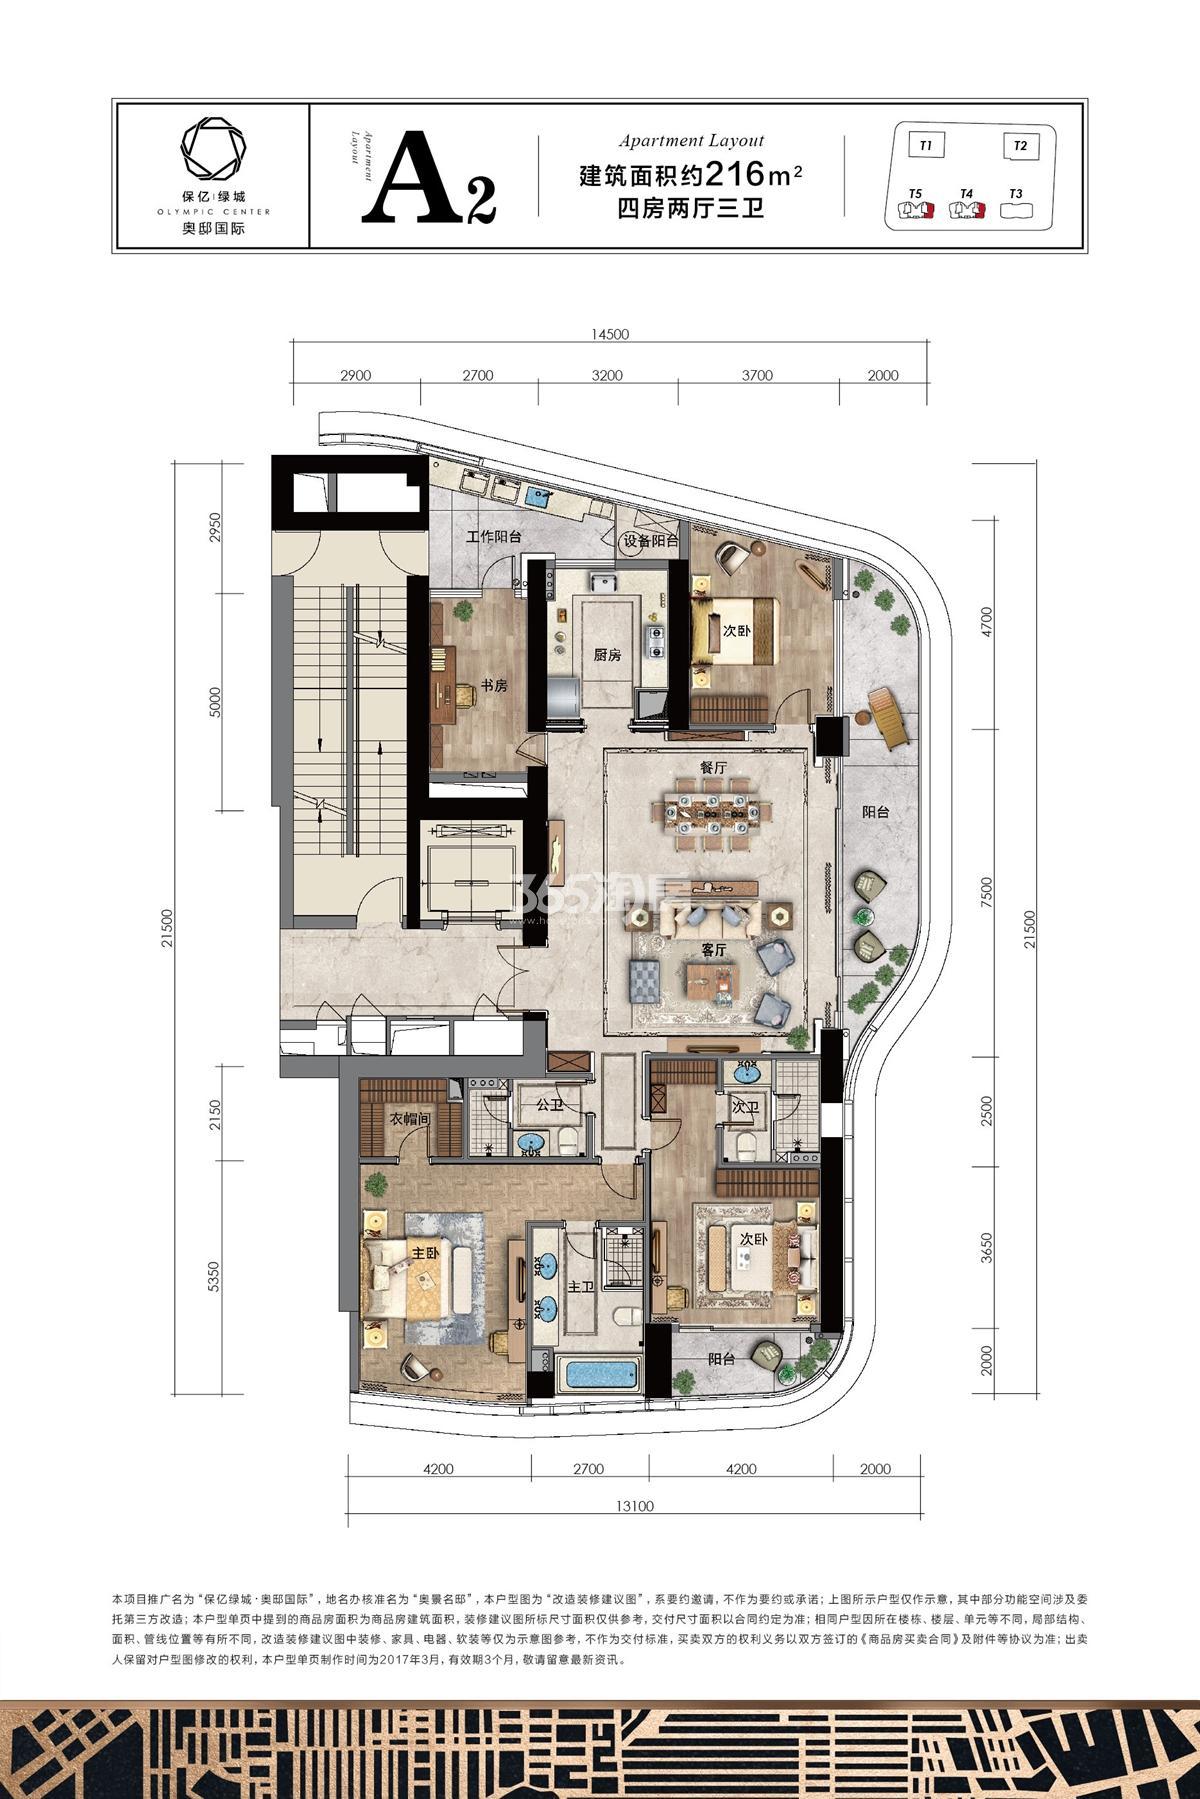 保亿绿城奥邸国际A2户型216方边套(T4、T5号楼)